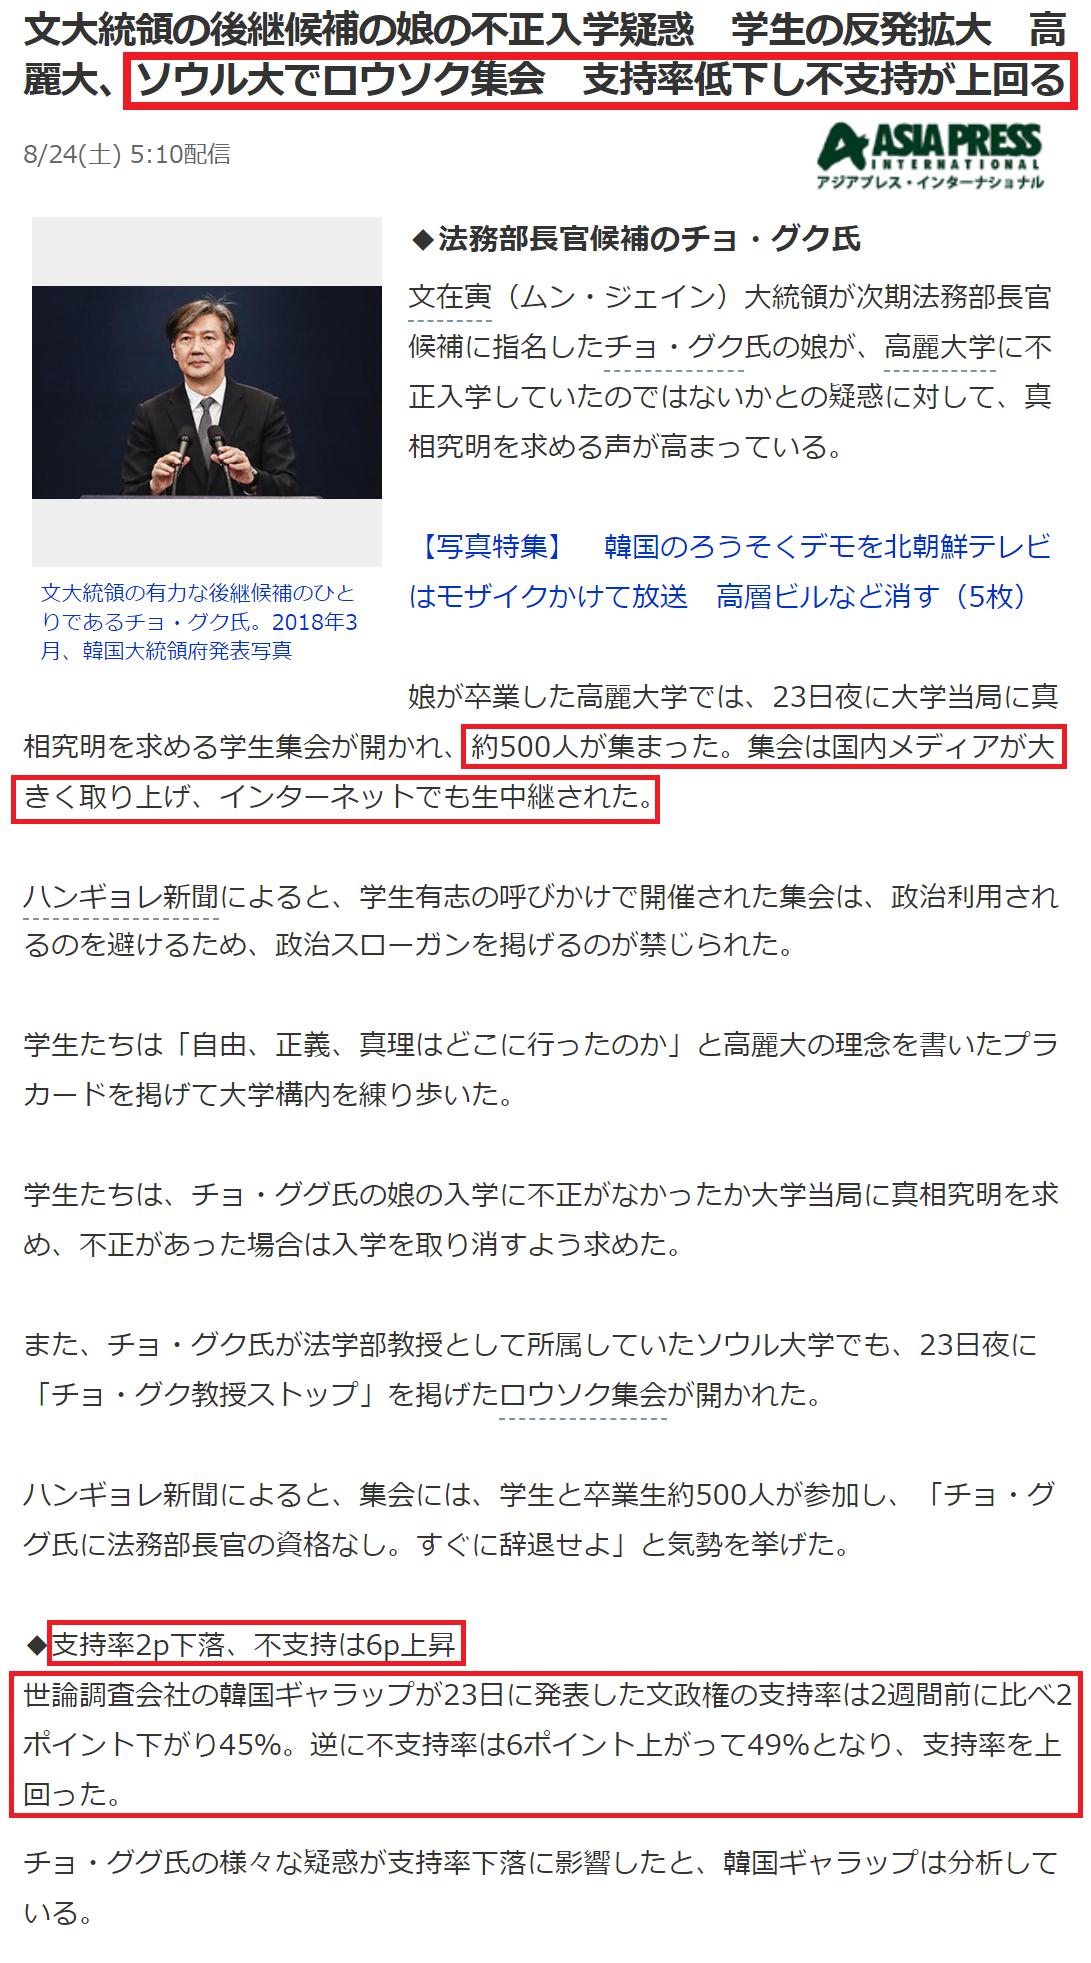 遂に反ブンザイ寅ローソク集会が報道される